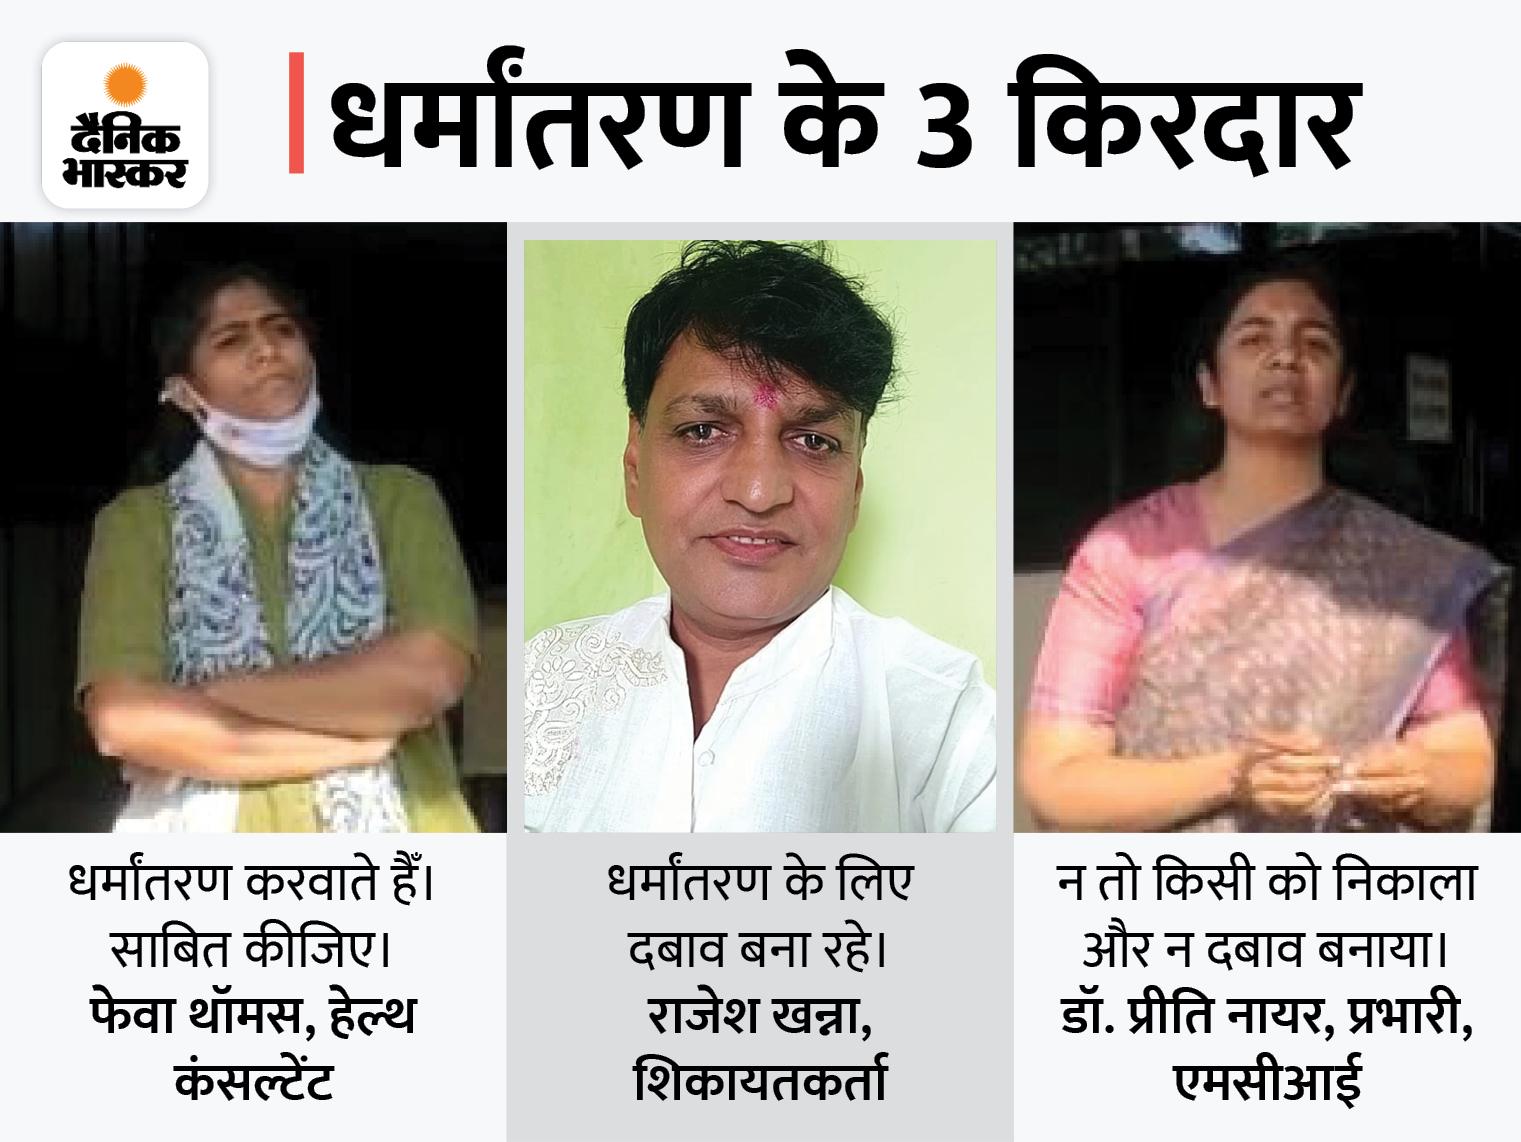 बाइबिल नहीं बांटने पर लड़कियों को नौकरी से निकाला; धर्म परिवर्तन का दबाव बनाने के आरोप, संस्था ने किया इनकार|भोपाल,Bhopal - Dainik Bhaskar